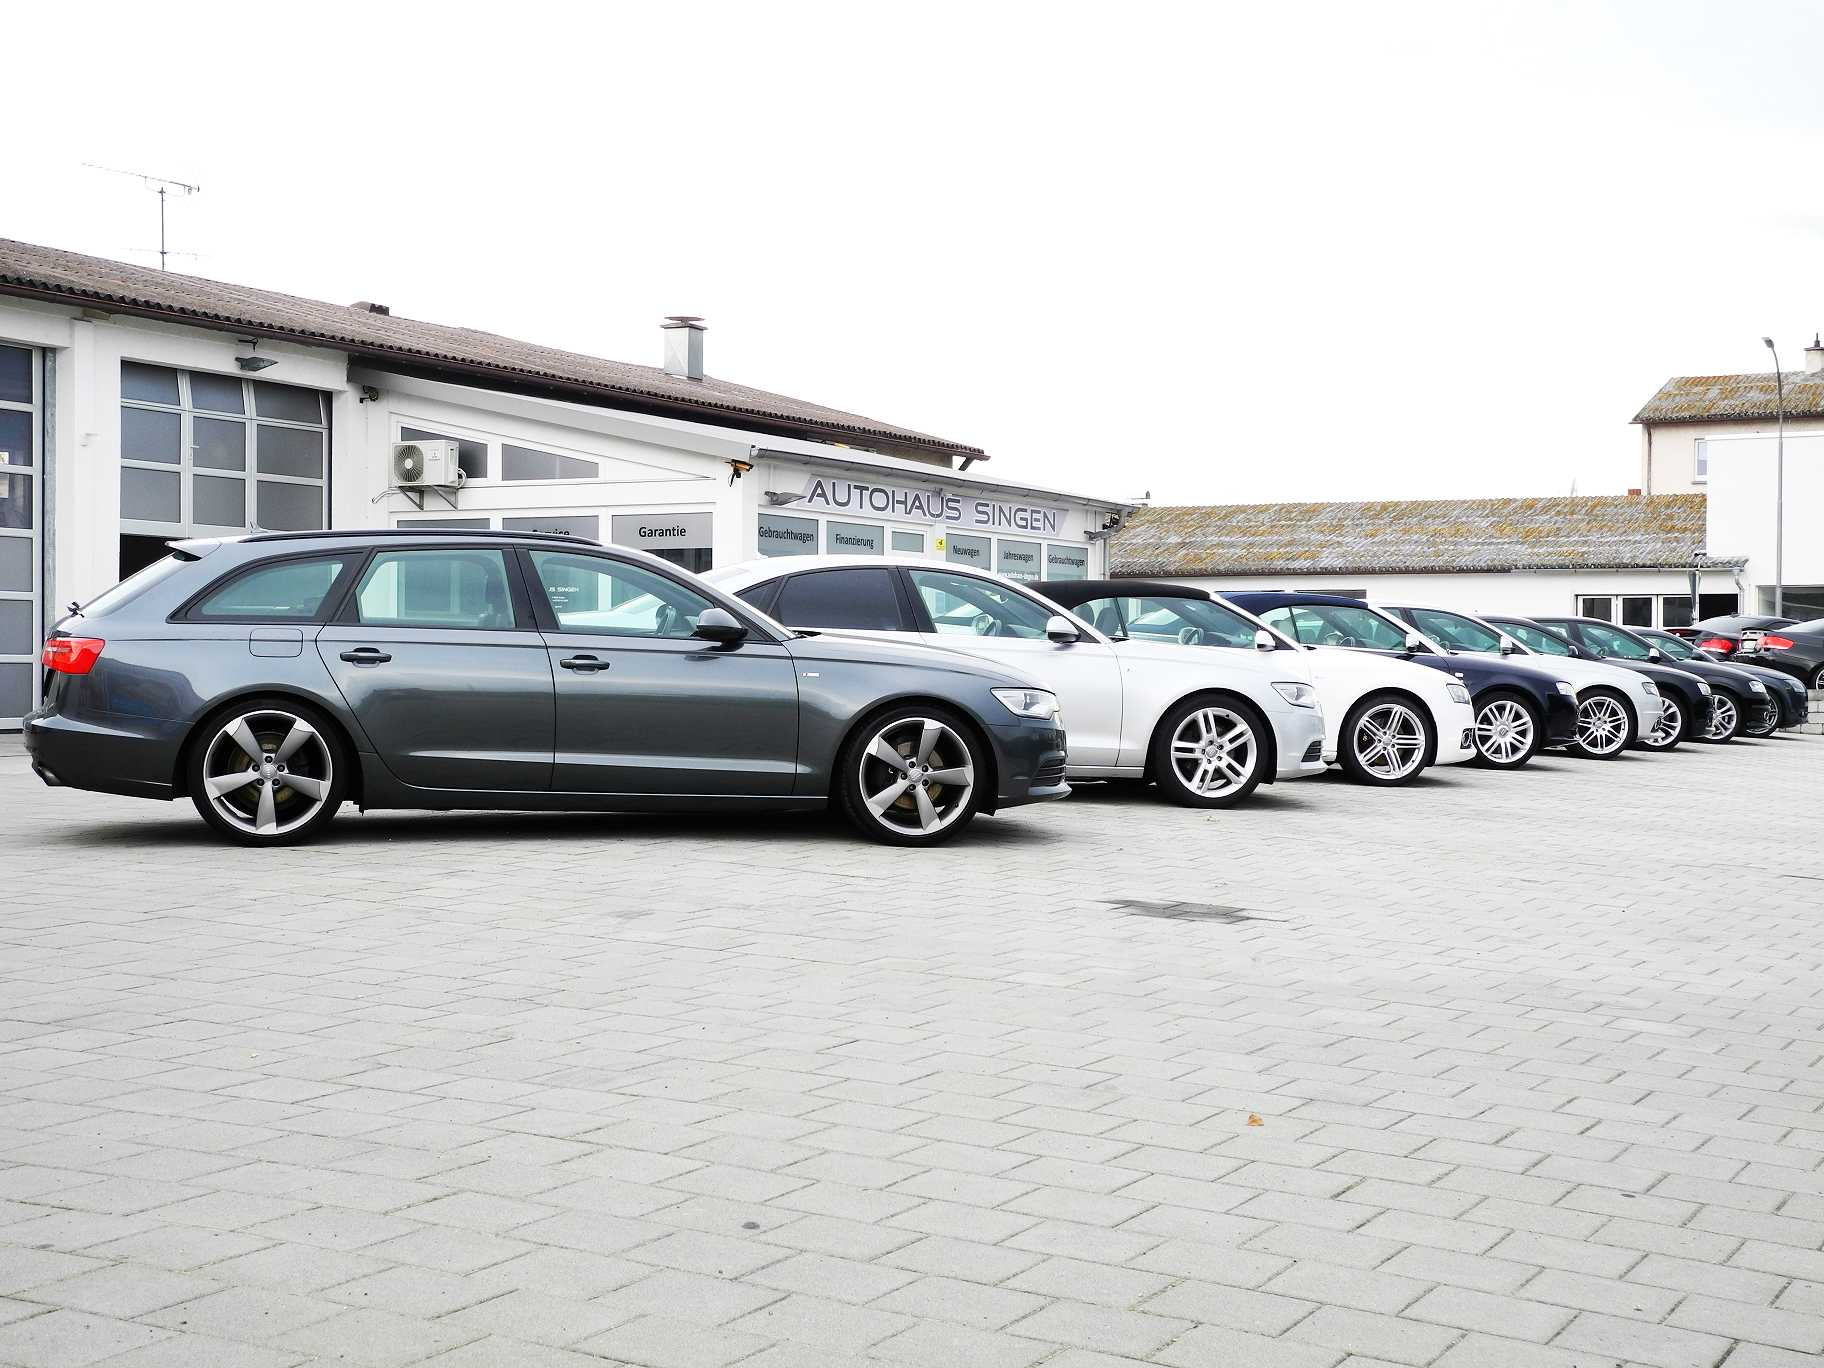 Autohaus Singen